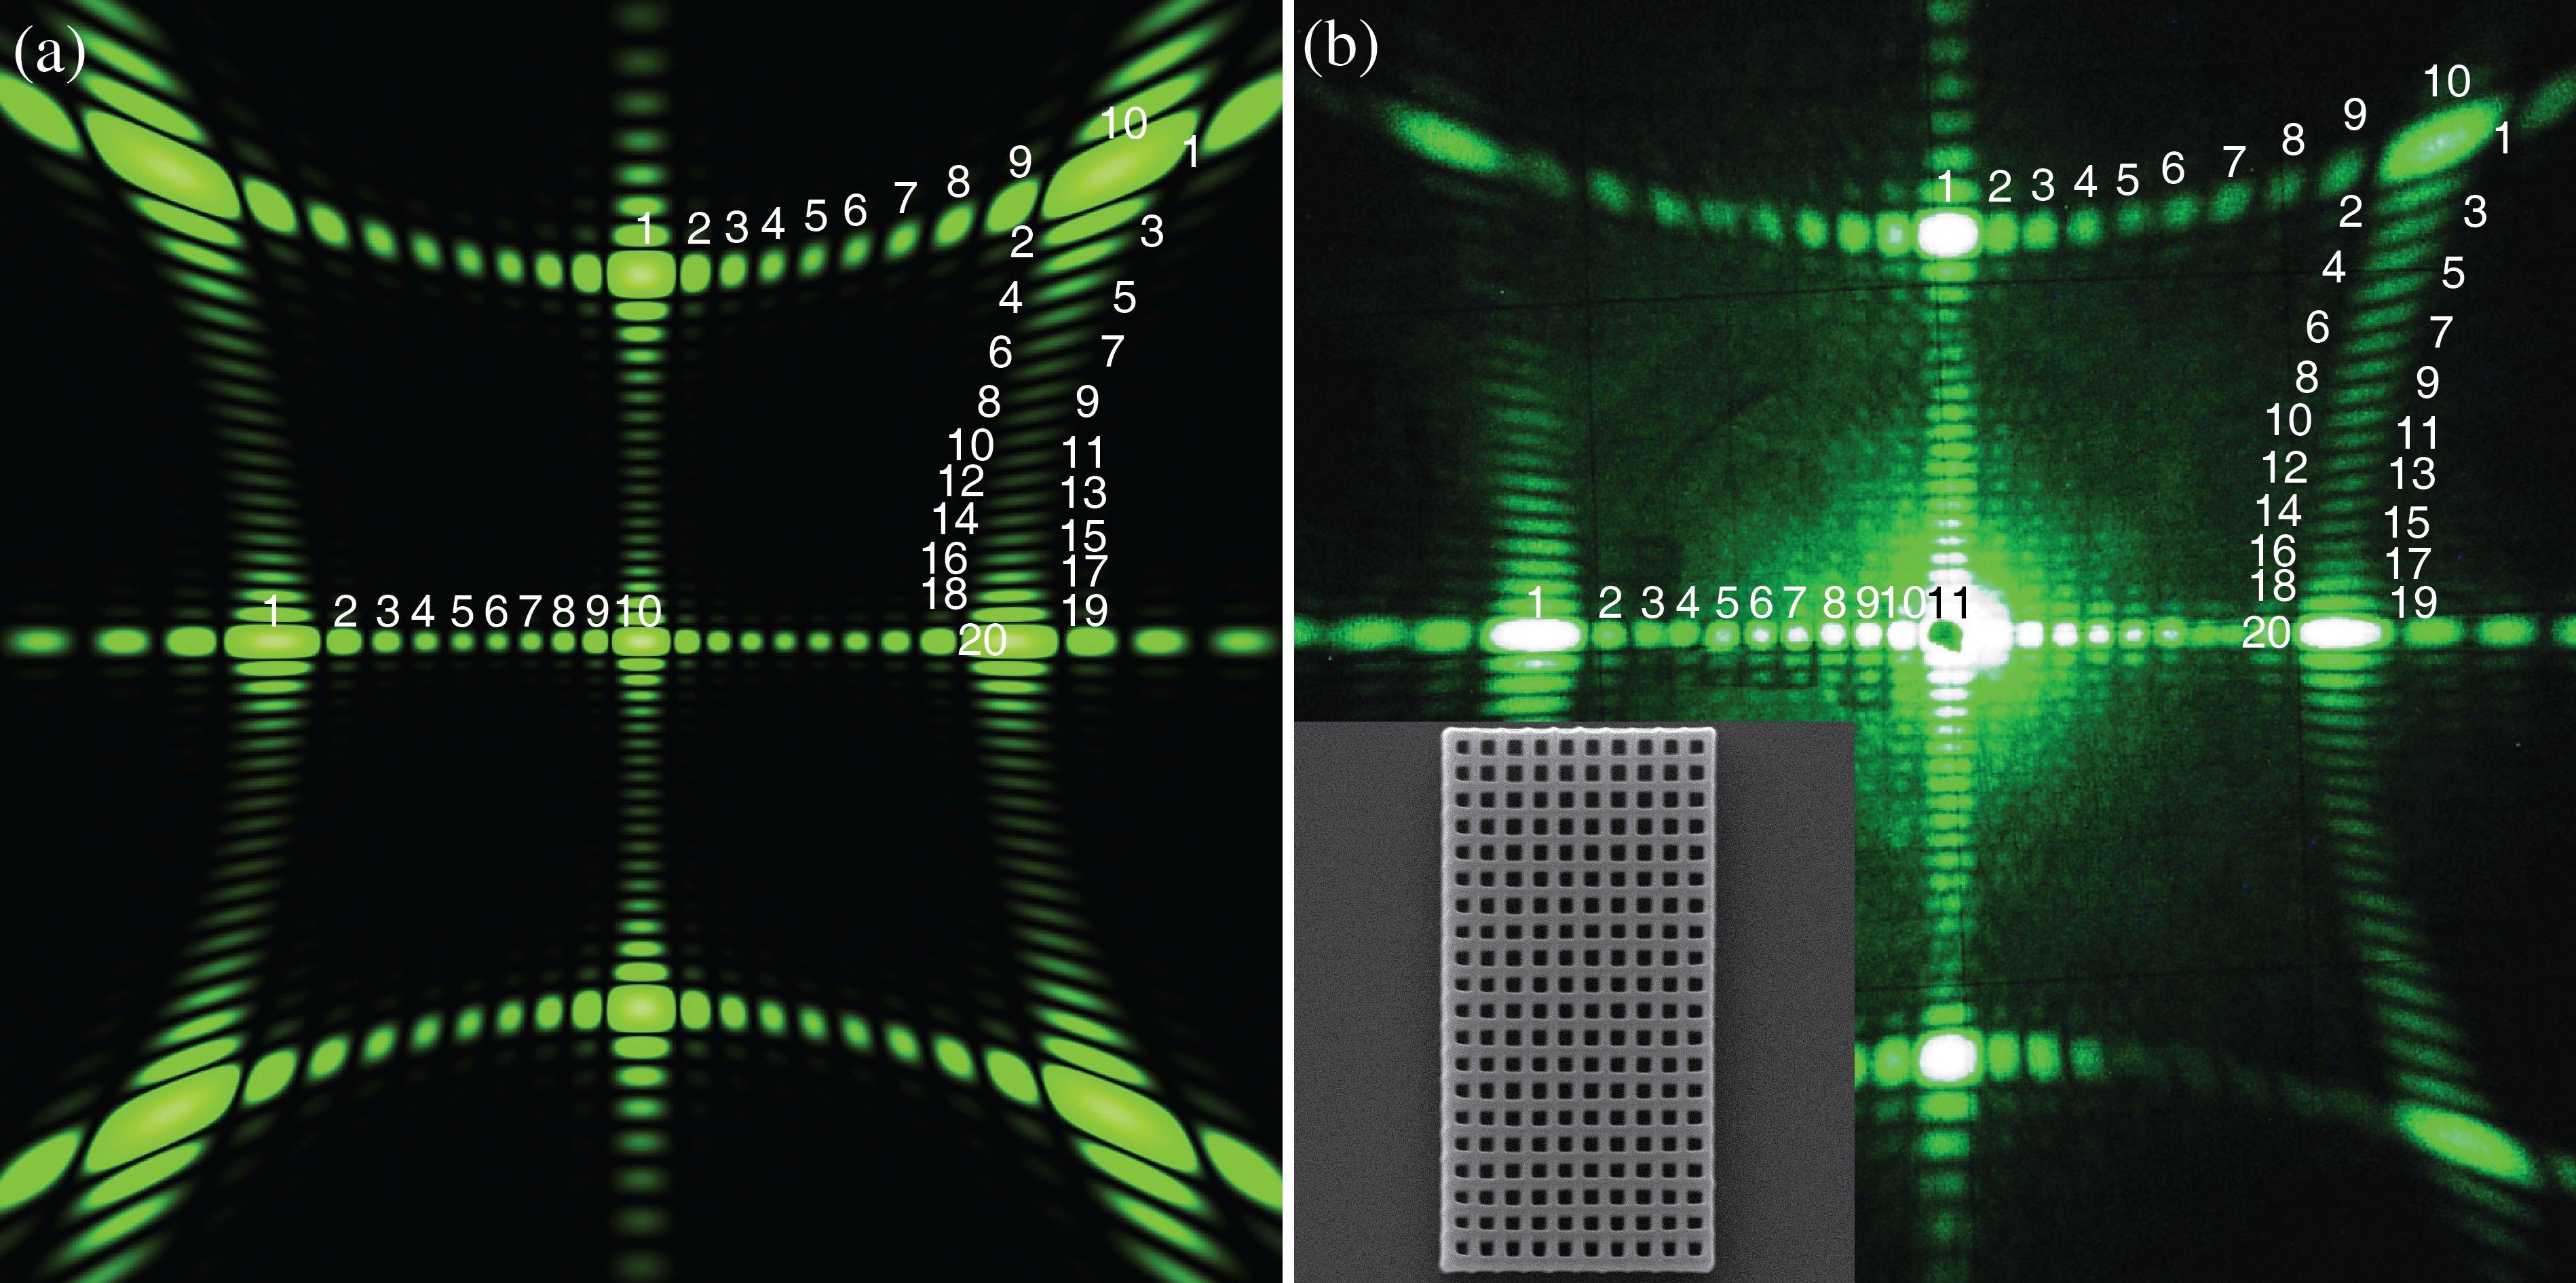 Экспериментально полученные и смоделированные дифракционные картины для одного из образцов